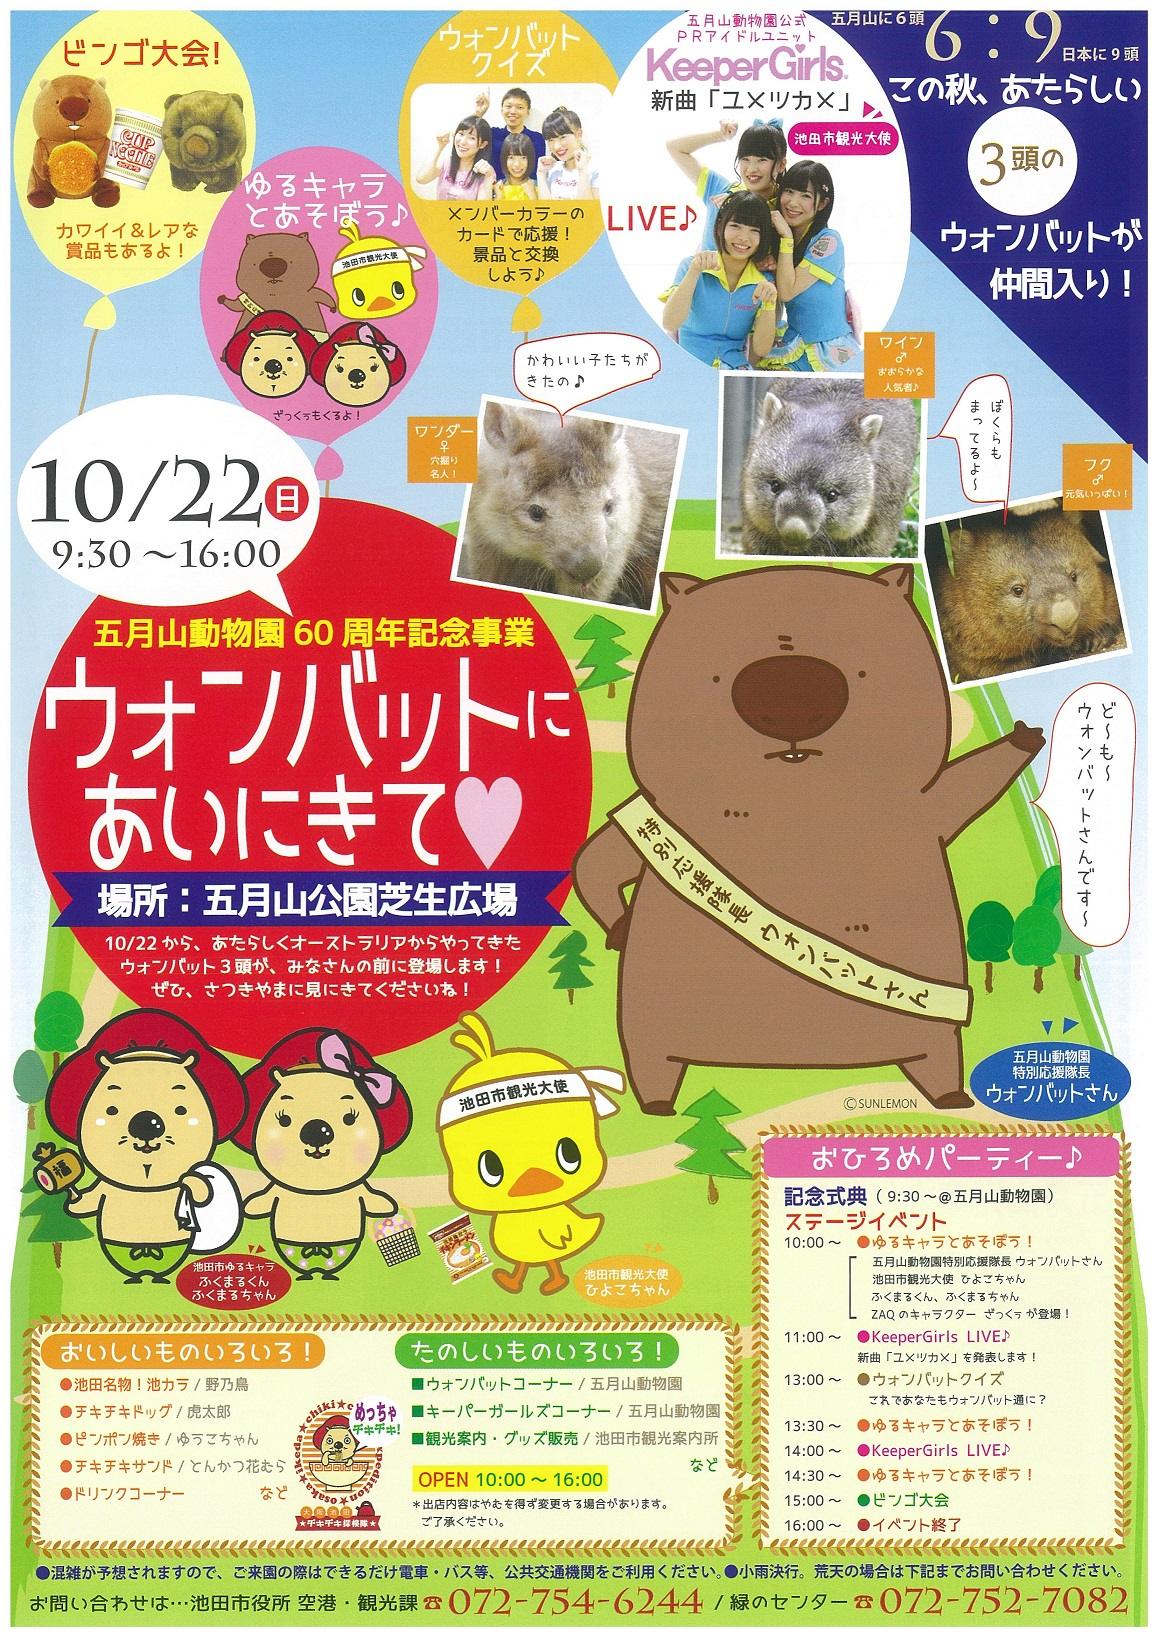 【中止になりました】五月山動物園に3頭の可愛いウォンバットが仲間入り! 10月22日お披露目!